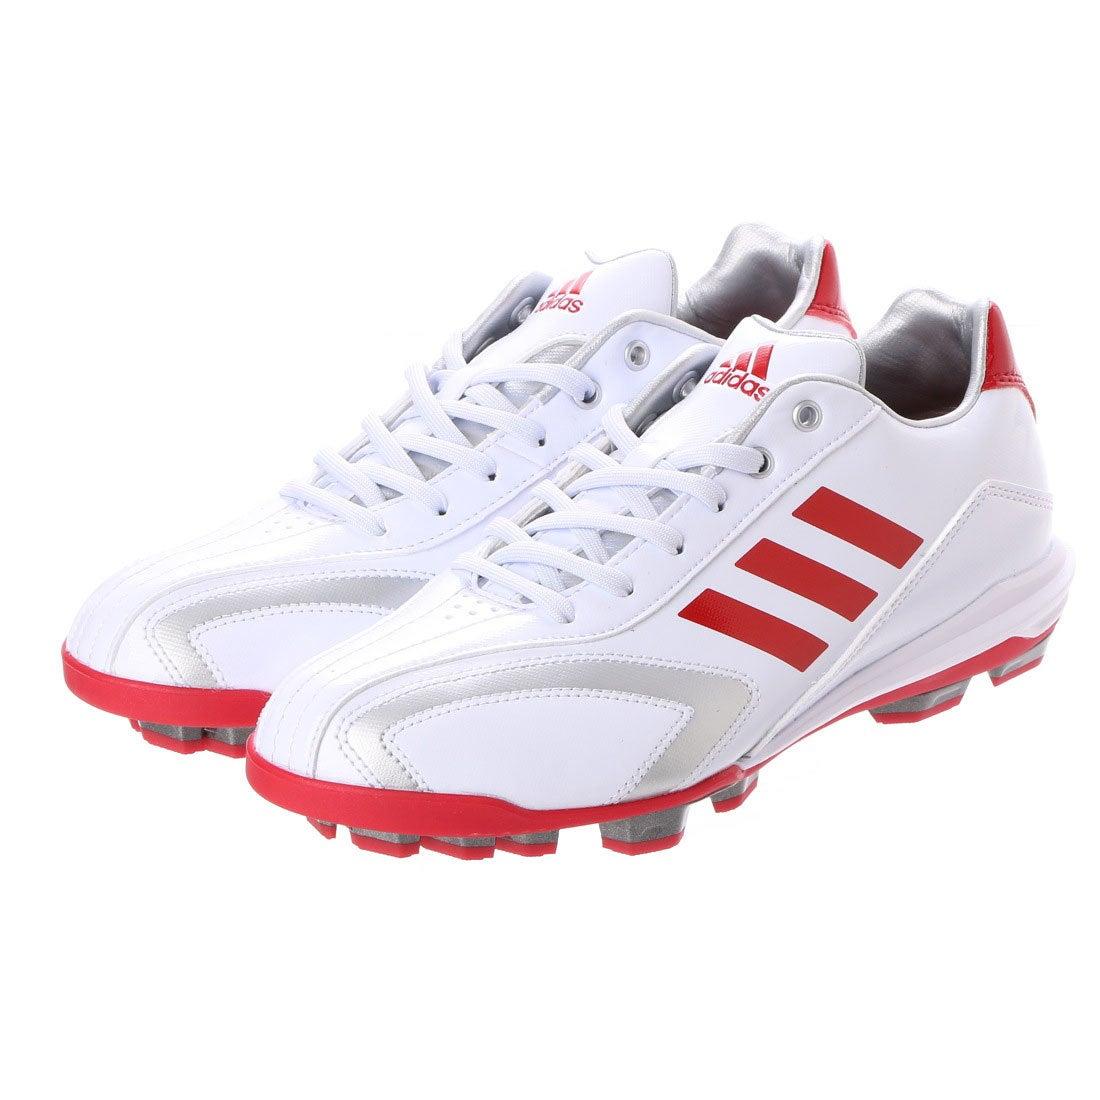 【SALE 30%OFF】アディダス adidas ユニセックス 野球 スパイクシューズ アディピュアT3 K ポイント AQ8362 715